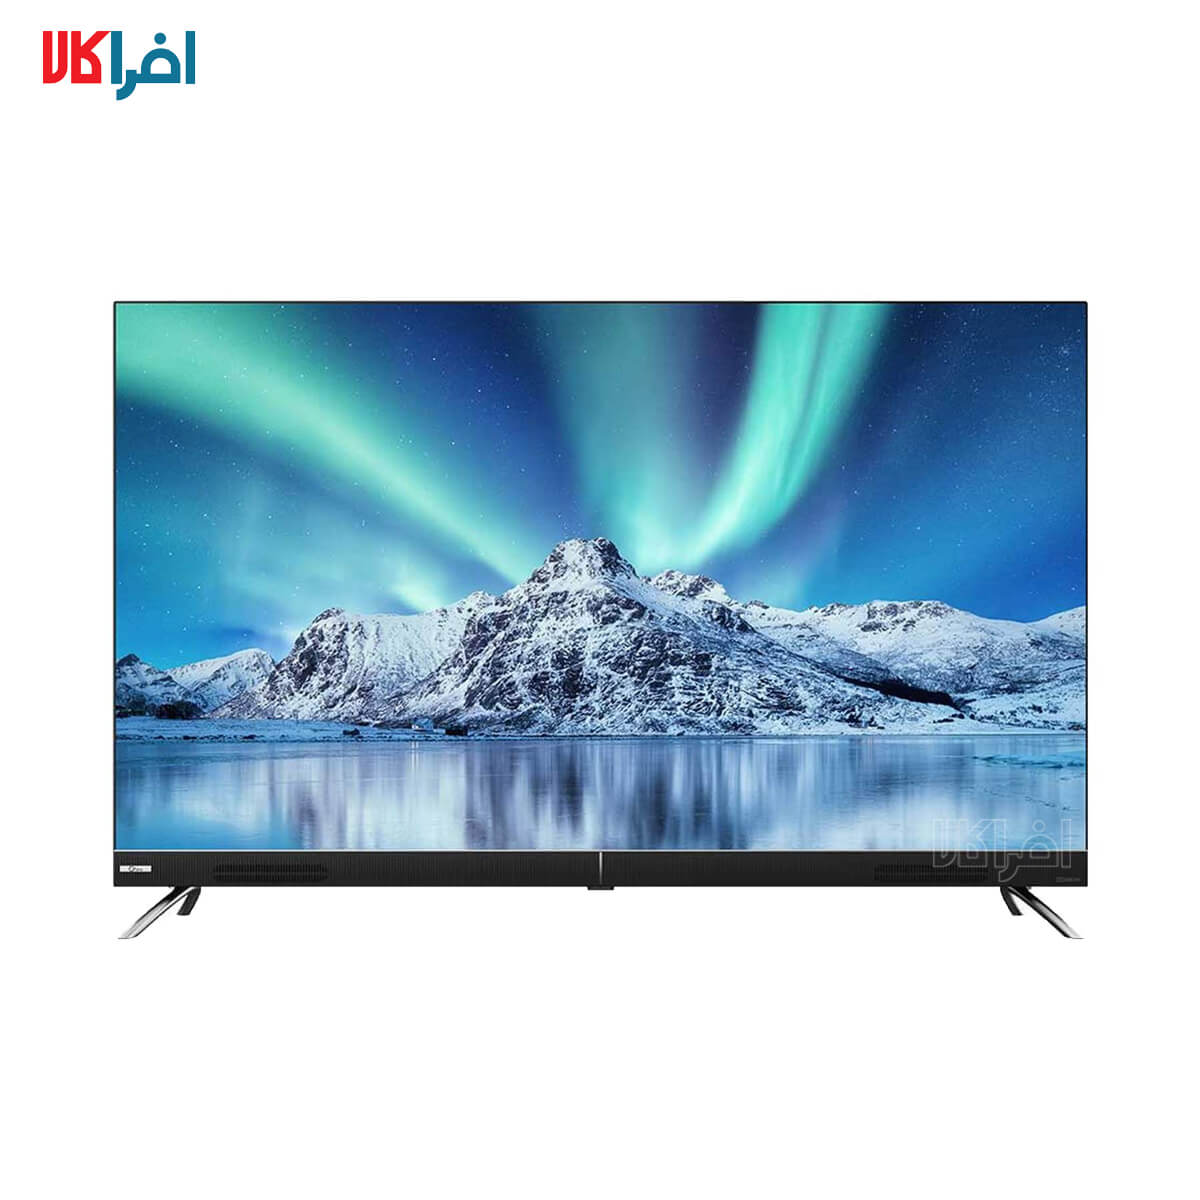 عکس تلویزیون ال ای دی هوشمند جی پلاس مدل GTV-55KU722S سایز 55 اینچ Gplus GTV-55KU722S Smart LED TV 55 Inch تلویزیون-ال-ای-دی-هوشمند-جی-پلاس-مدل-gtv-55ku722s-سایز-55-اینچ